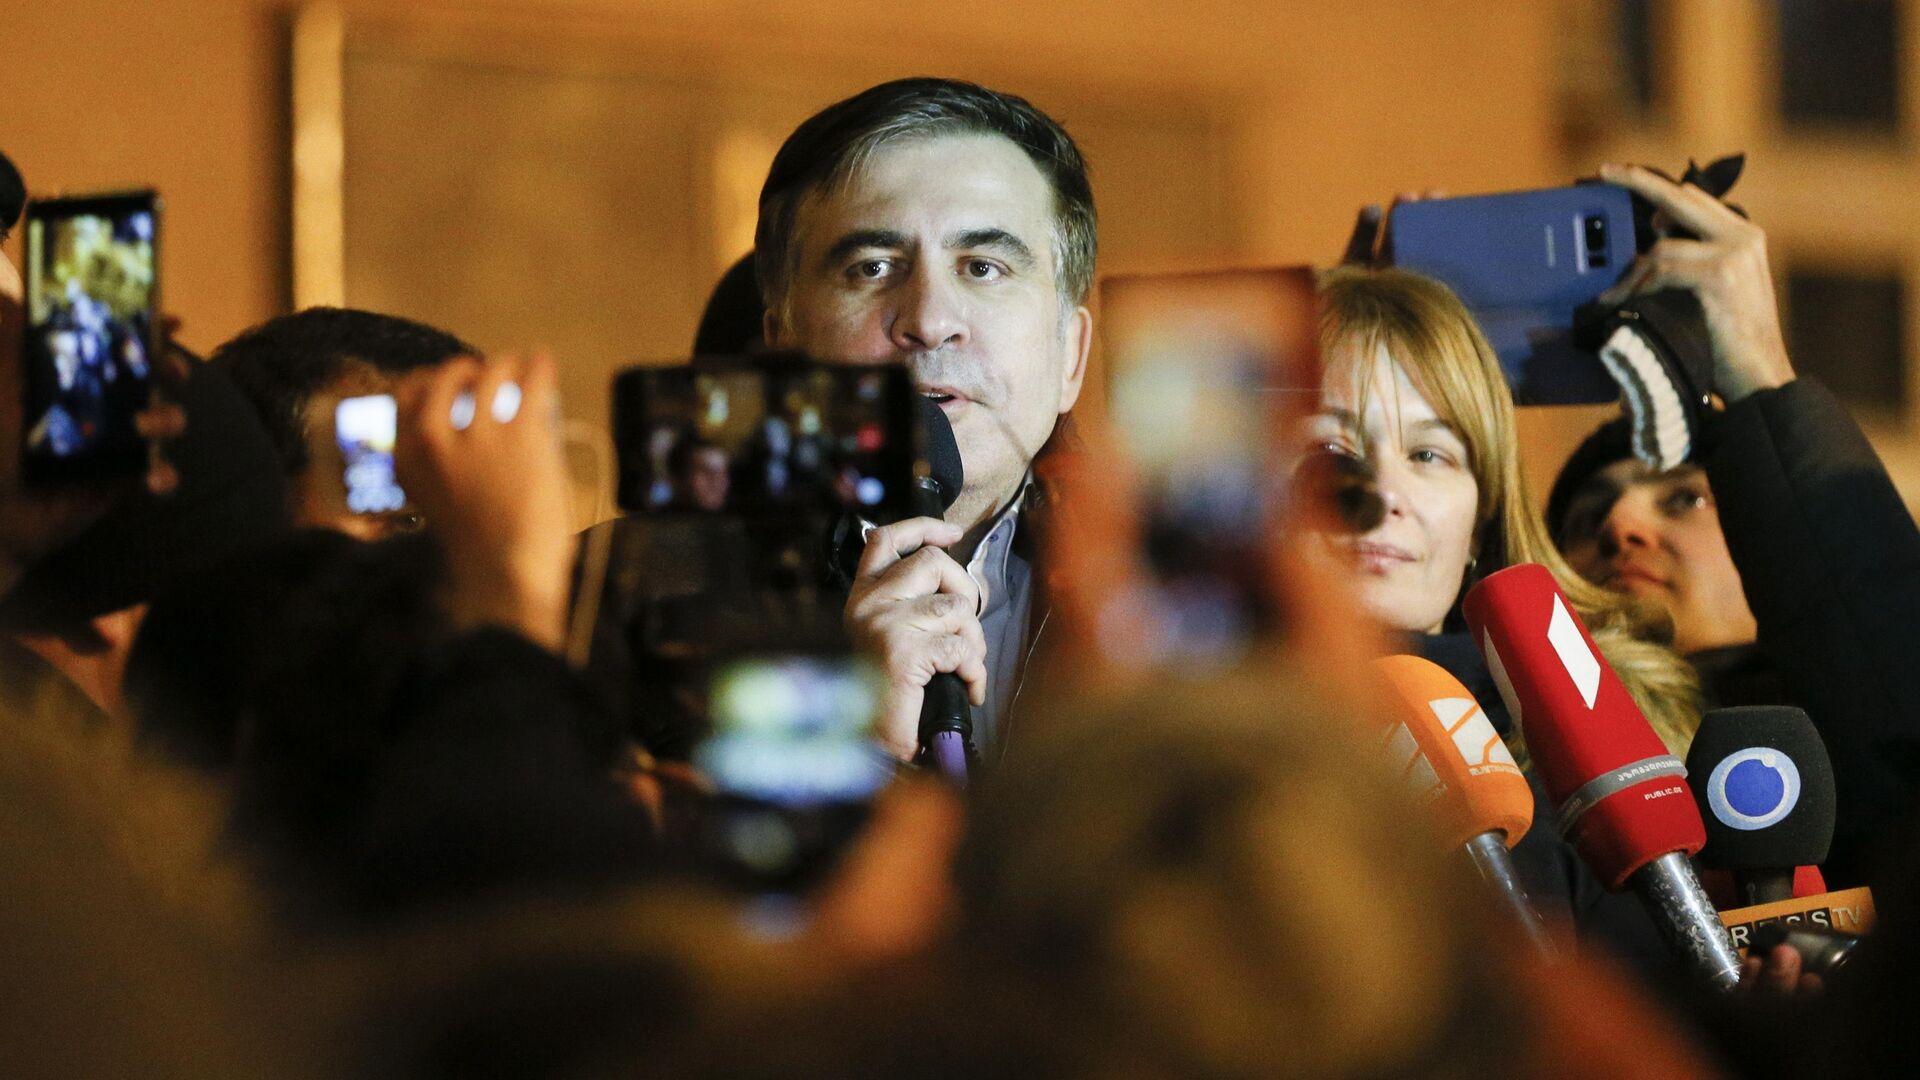 Михаил Саакашвили со своими сторонниками в Киеве - Sputnik Грузия, 1920, 04.10.2021